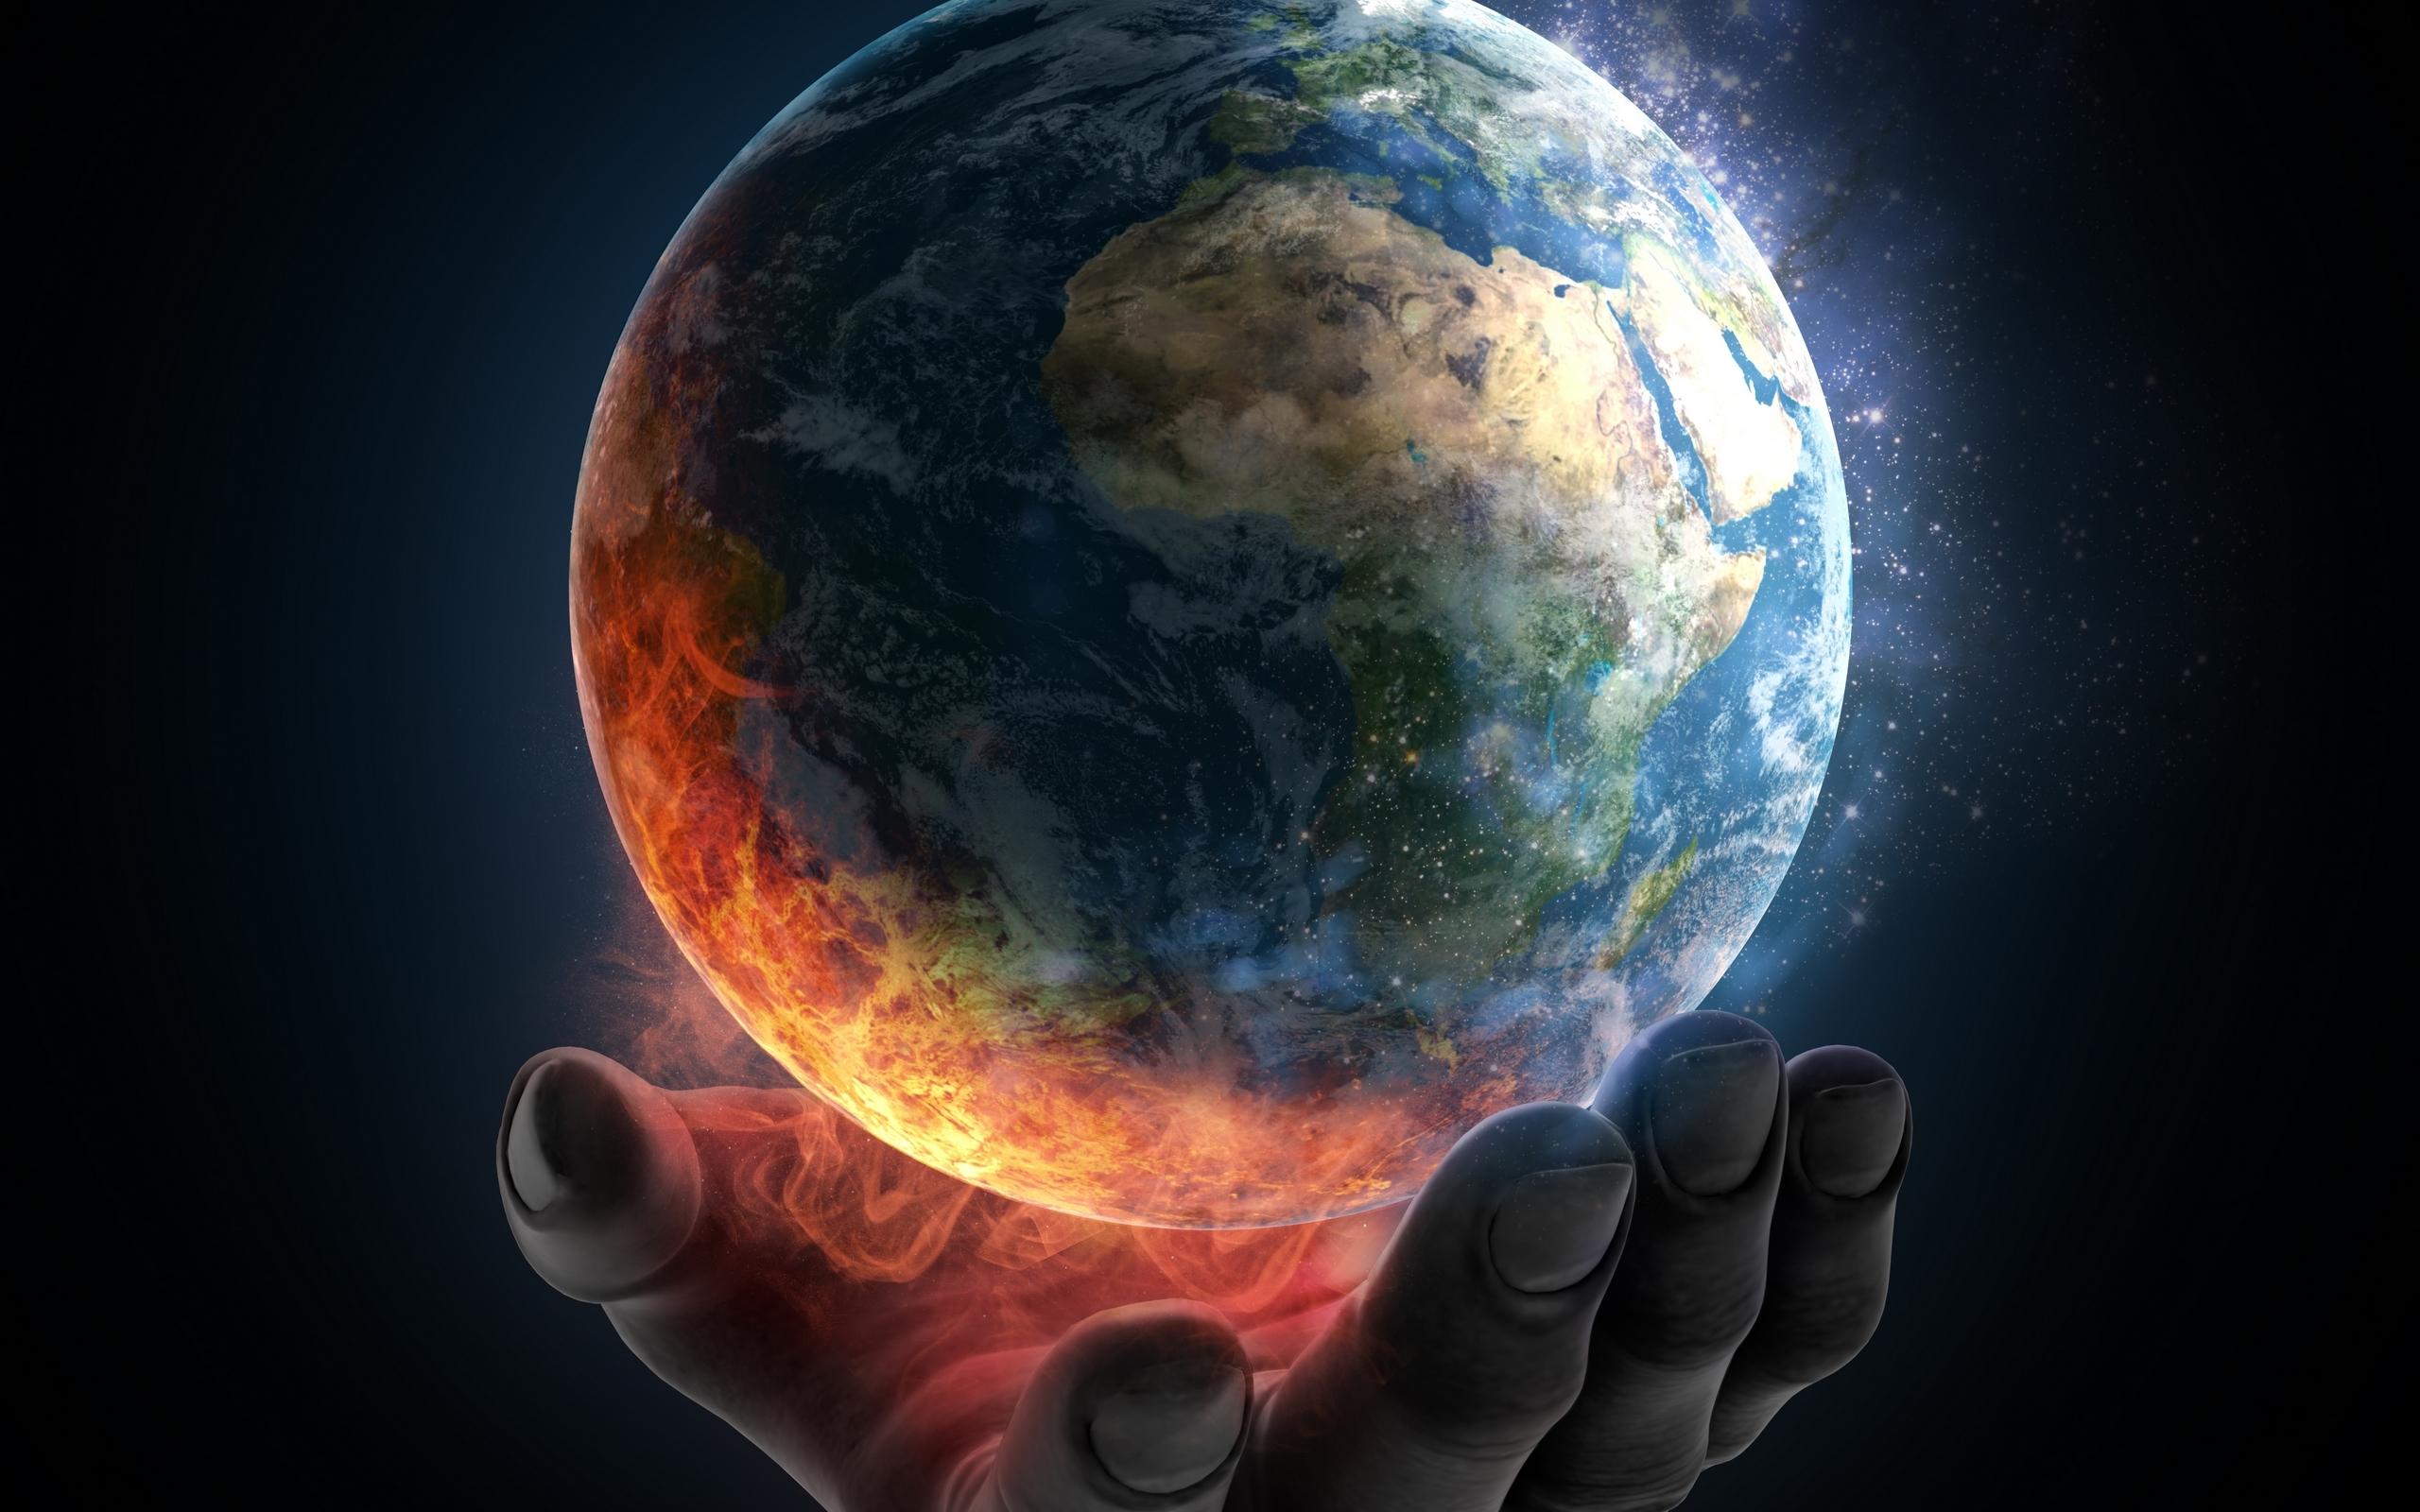 планета в ладони  № 8346 загрузить